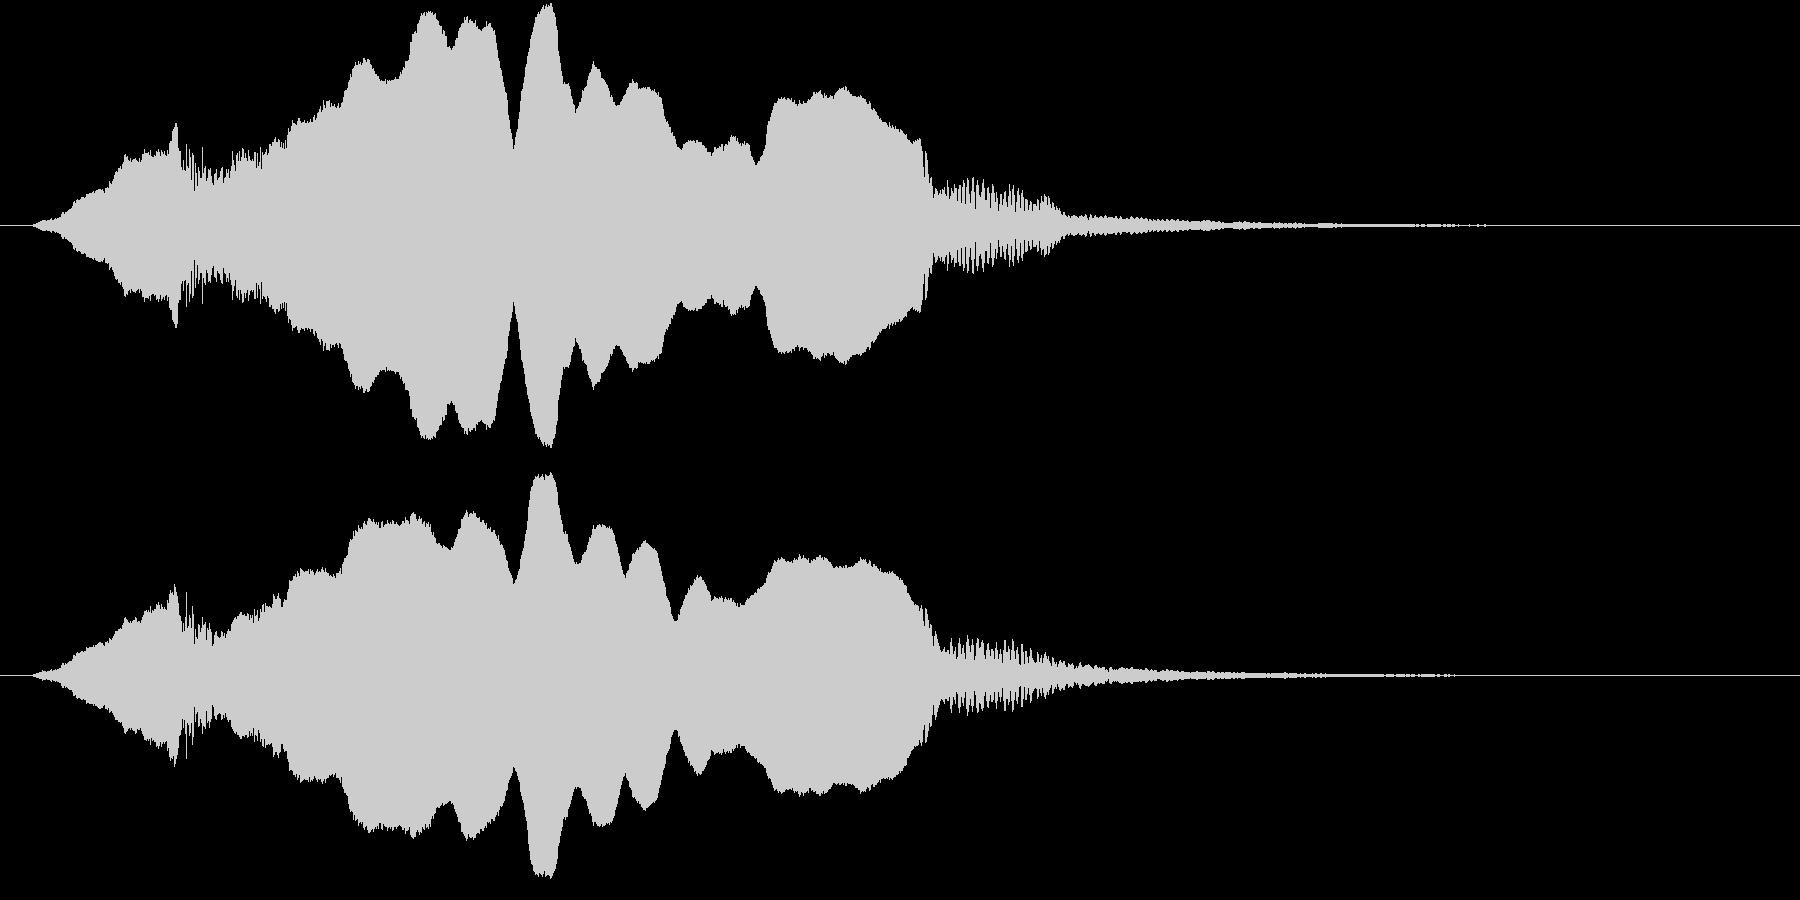 音侍SE「尺八フレーズ1」エニグマ音01の未再生の波形